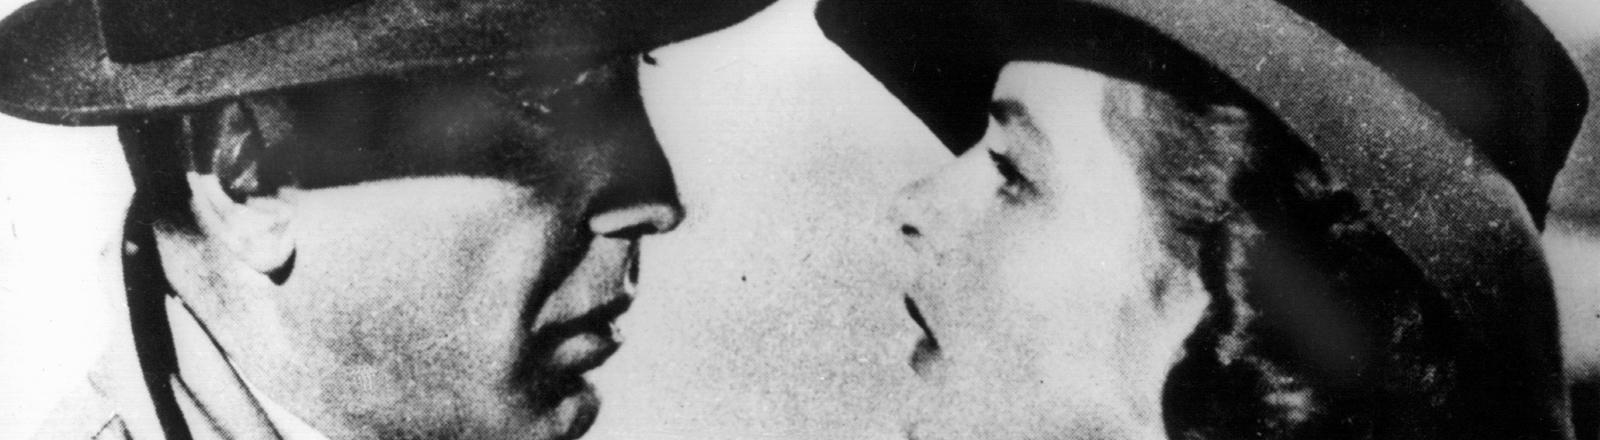 """Humphrey Bogart als Rick und Ingrid Bergman als Ilsa im Filmklassiker """"Casablanca"""" von 1942."""